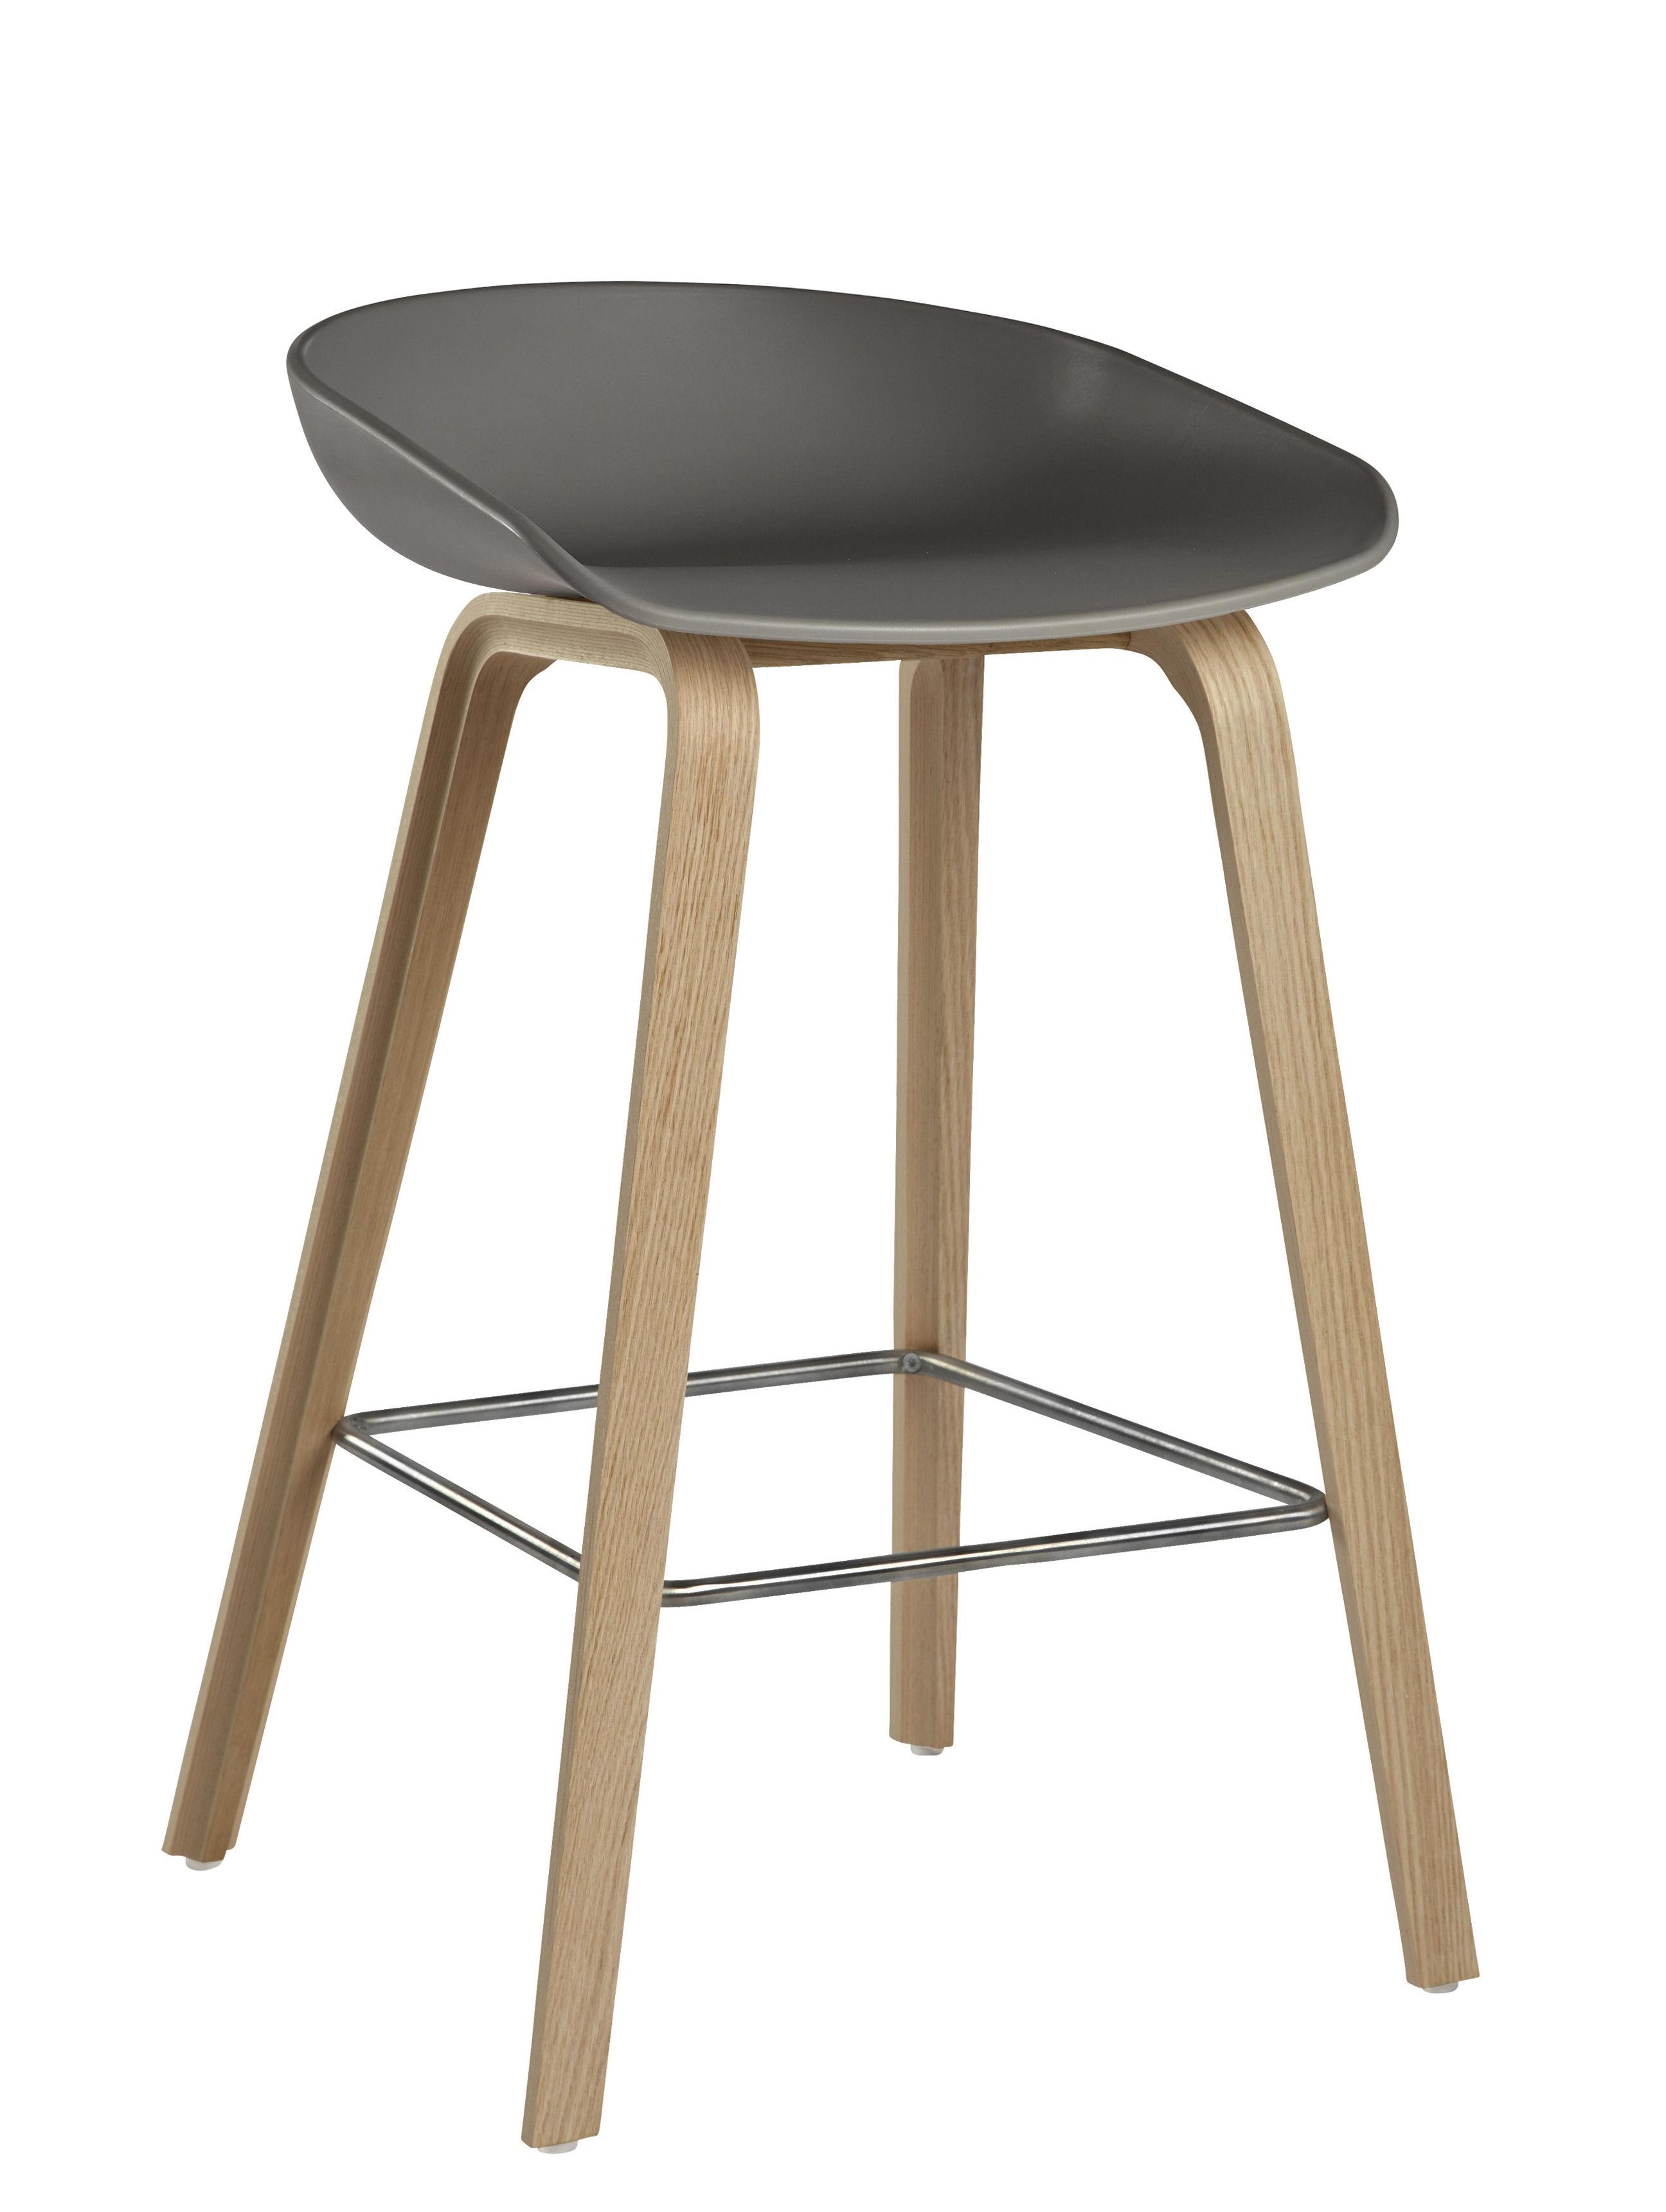 tabouret de bar about a stool aas 32 h 65 cm plastique pieds bois gris pieds bois. Black Bedroom Furniture Sets. Home Design Ideas